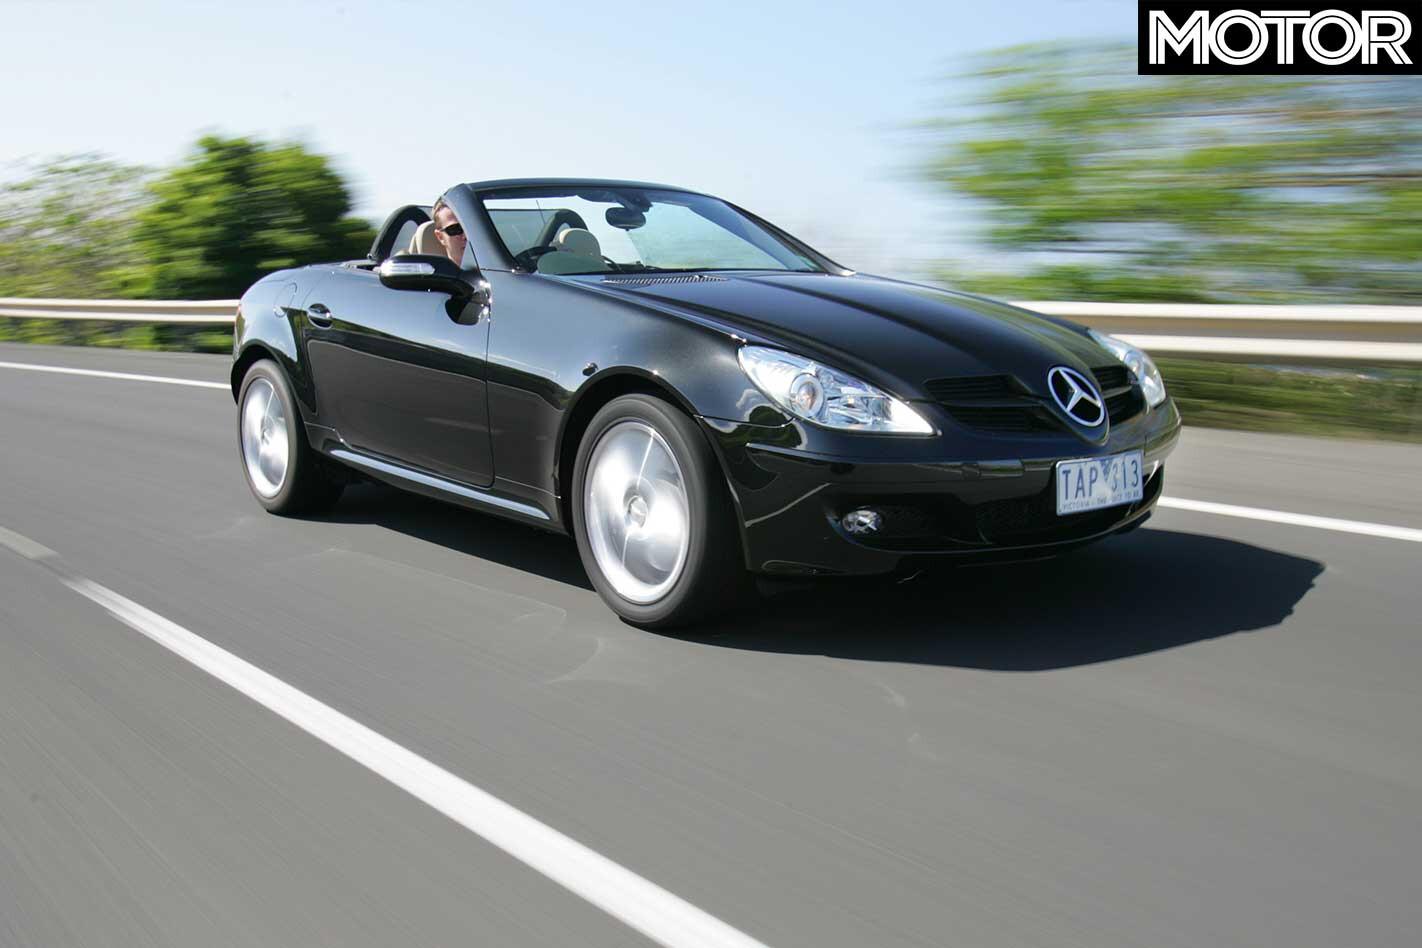 2004 Mercedes Benz SLK 350 Front Design Jpg